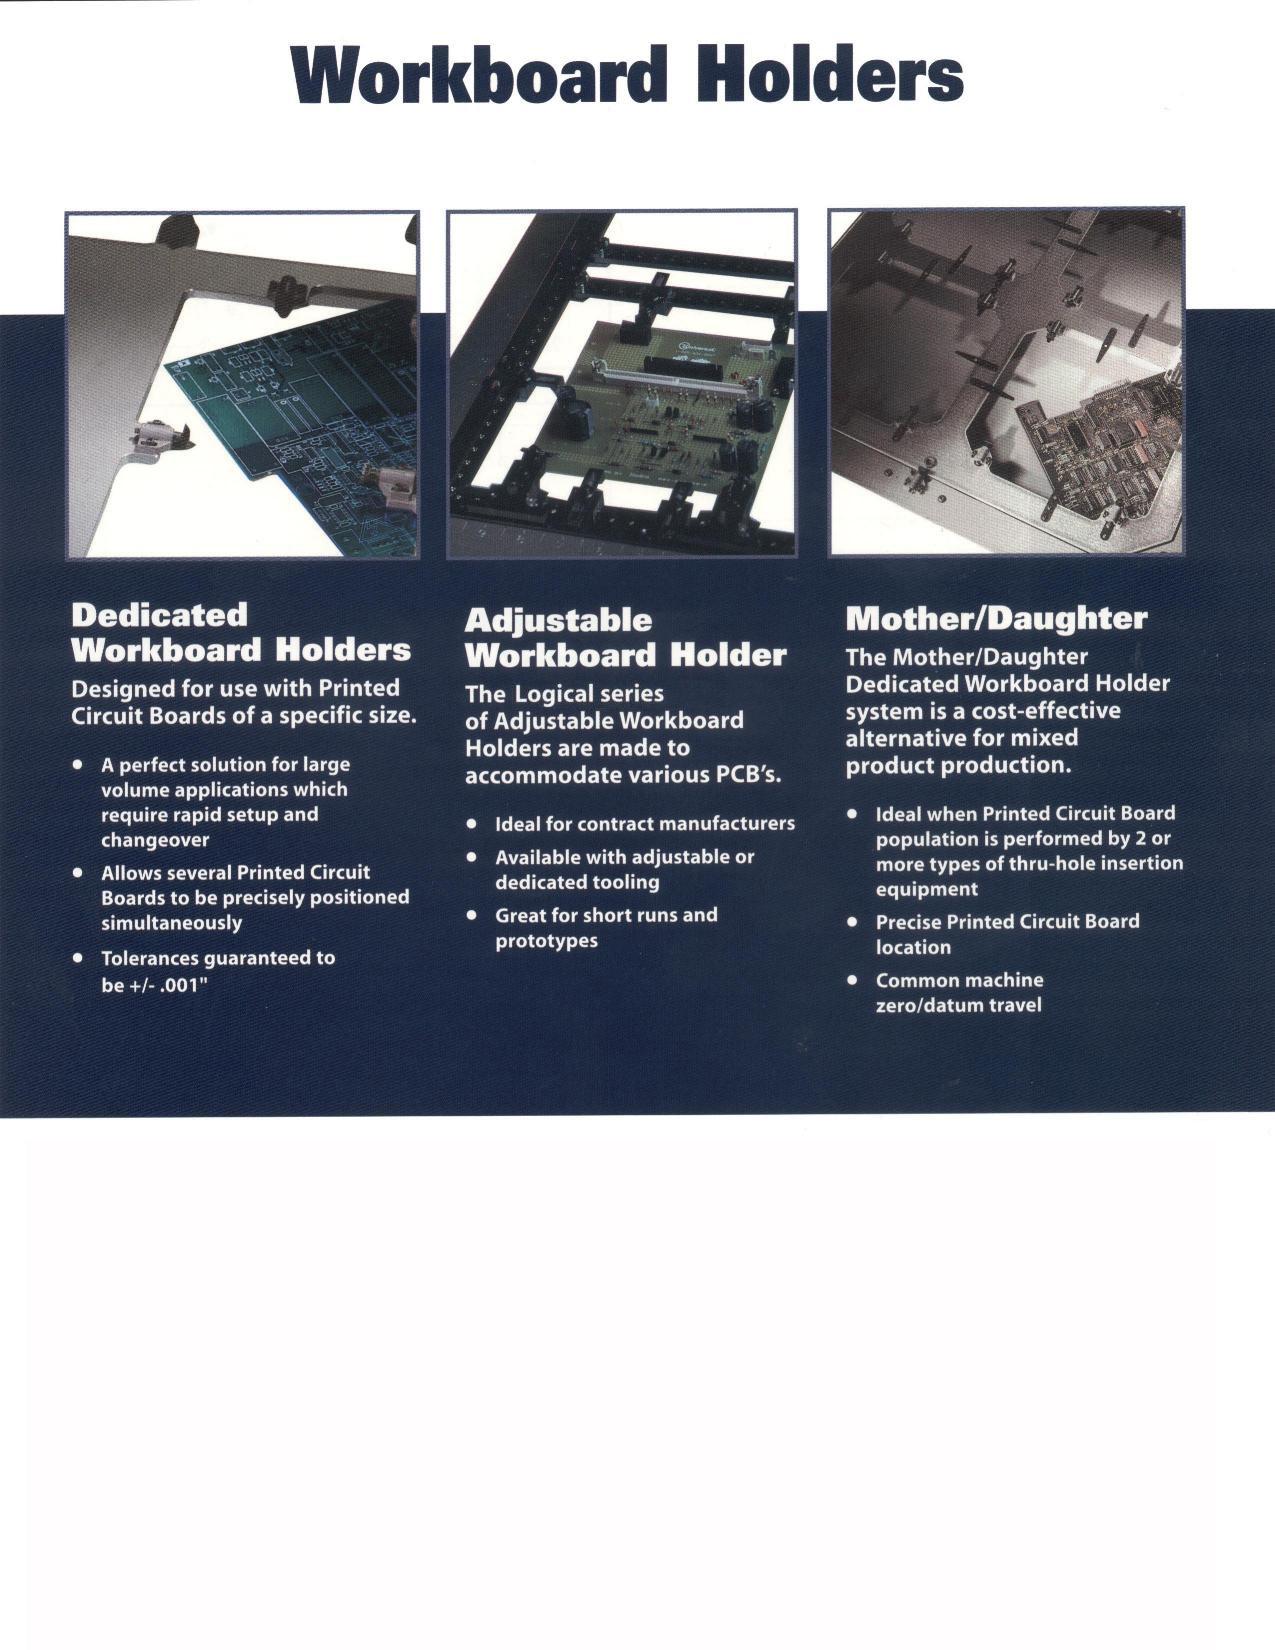 Work Board Holders Printed Wiring Types